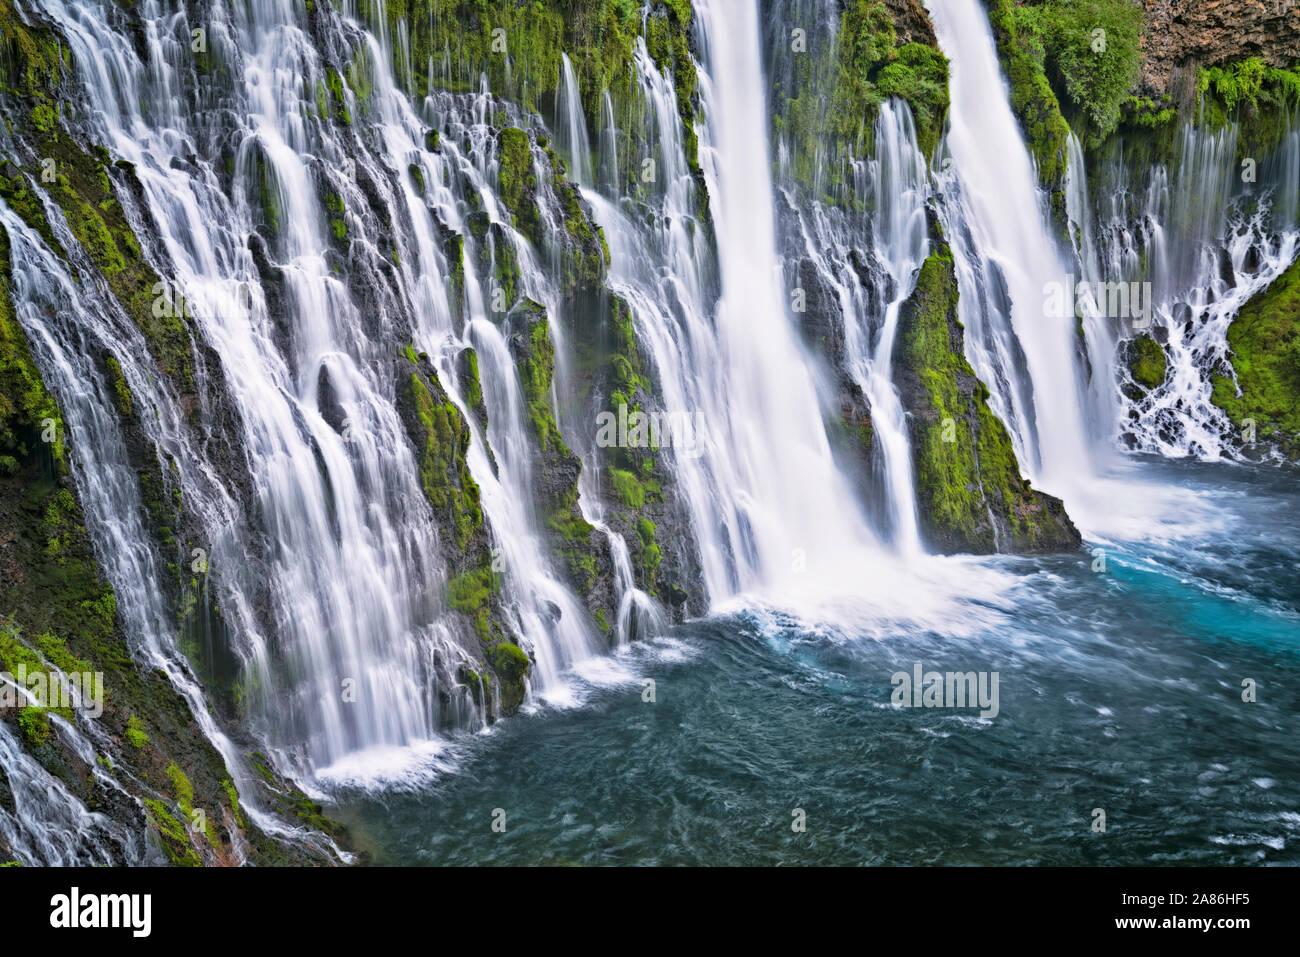 Burney Falls cascades 129 pieds au-dessus de basalte couverte de mousse à northern California's McArthur-Burney Falls Memorial State Park dans le mont Cascade Ran Banque D'Images